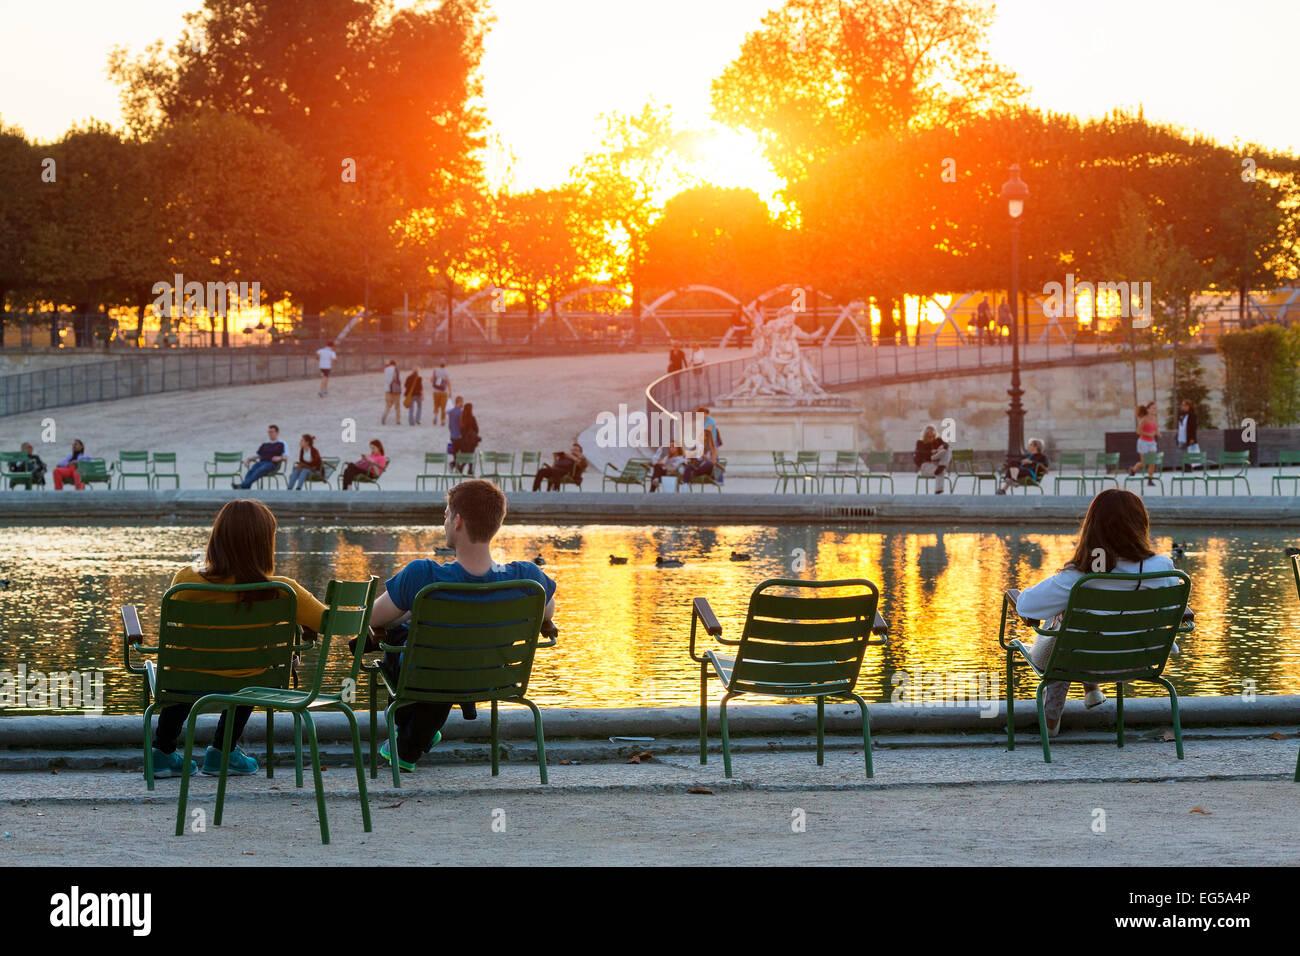 Paris, Menschen entspannen im Jardin des tuileries Stockbild